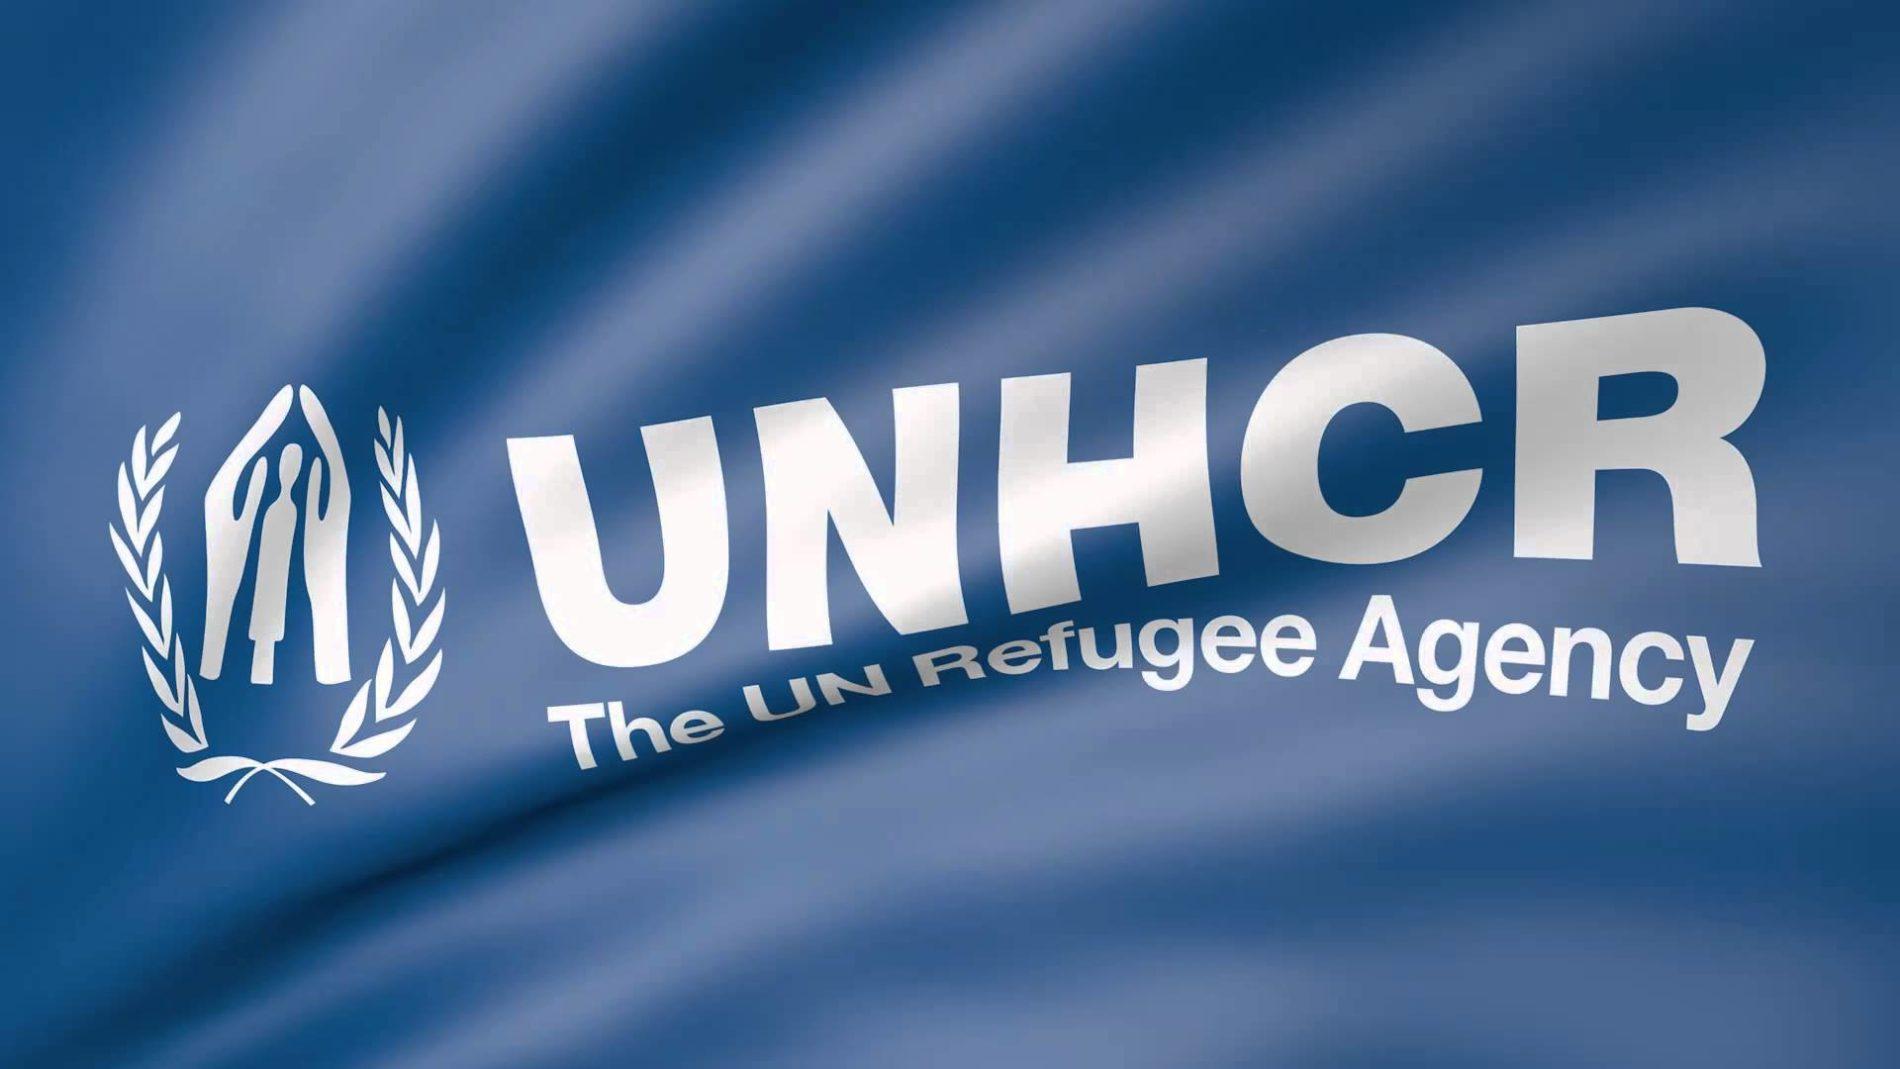 Tanzanie: le HCR s'oppose à l'annonce du rapatriement forcé des réfugiés burundais